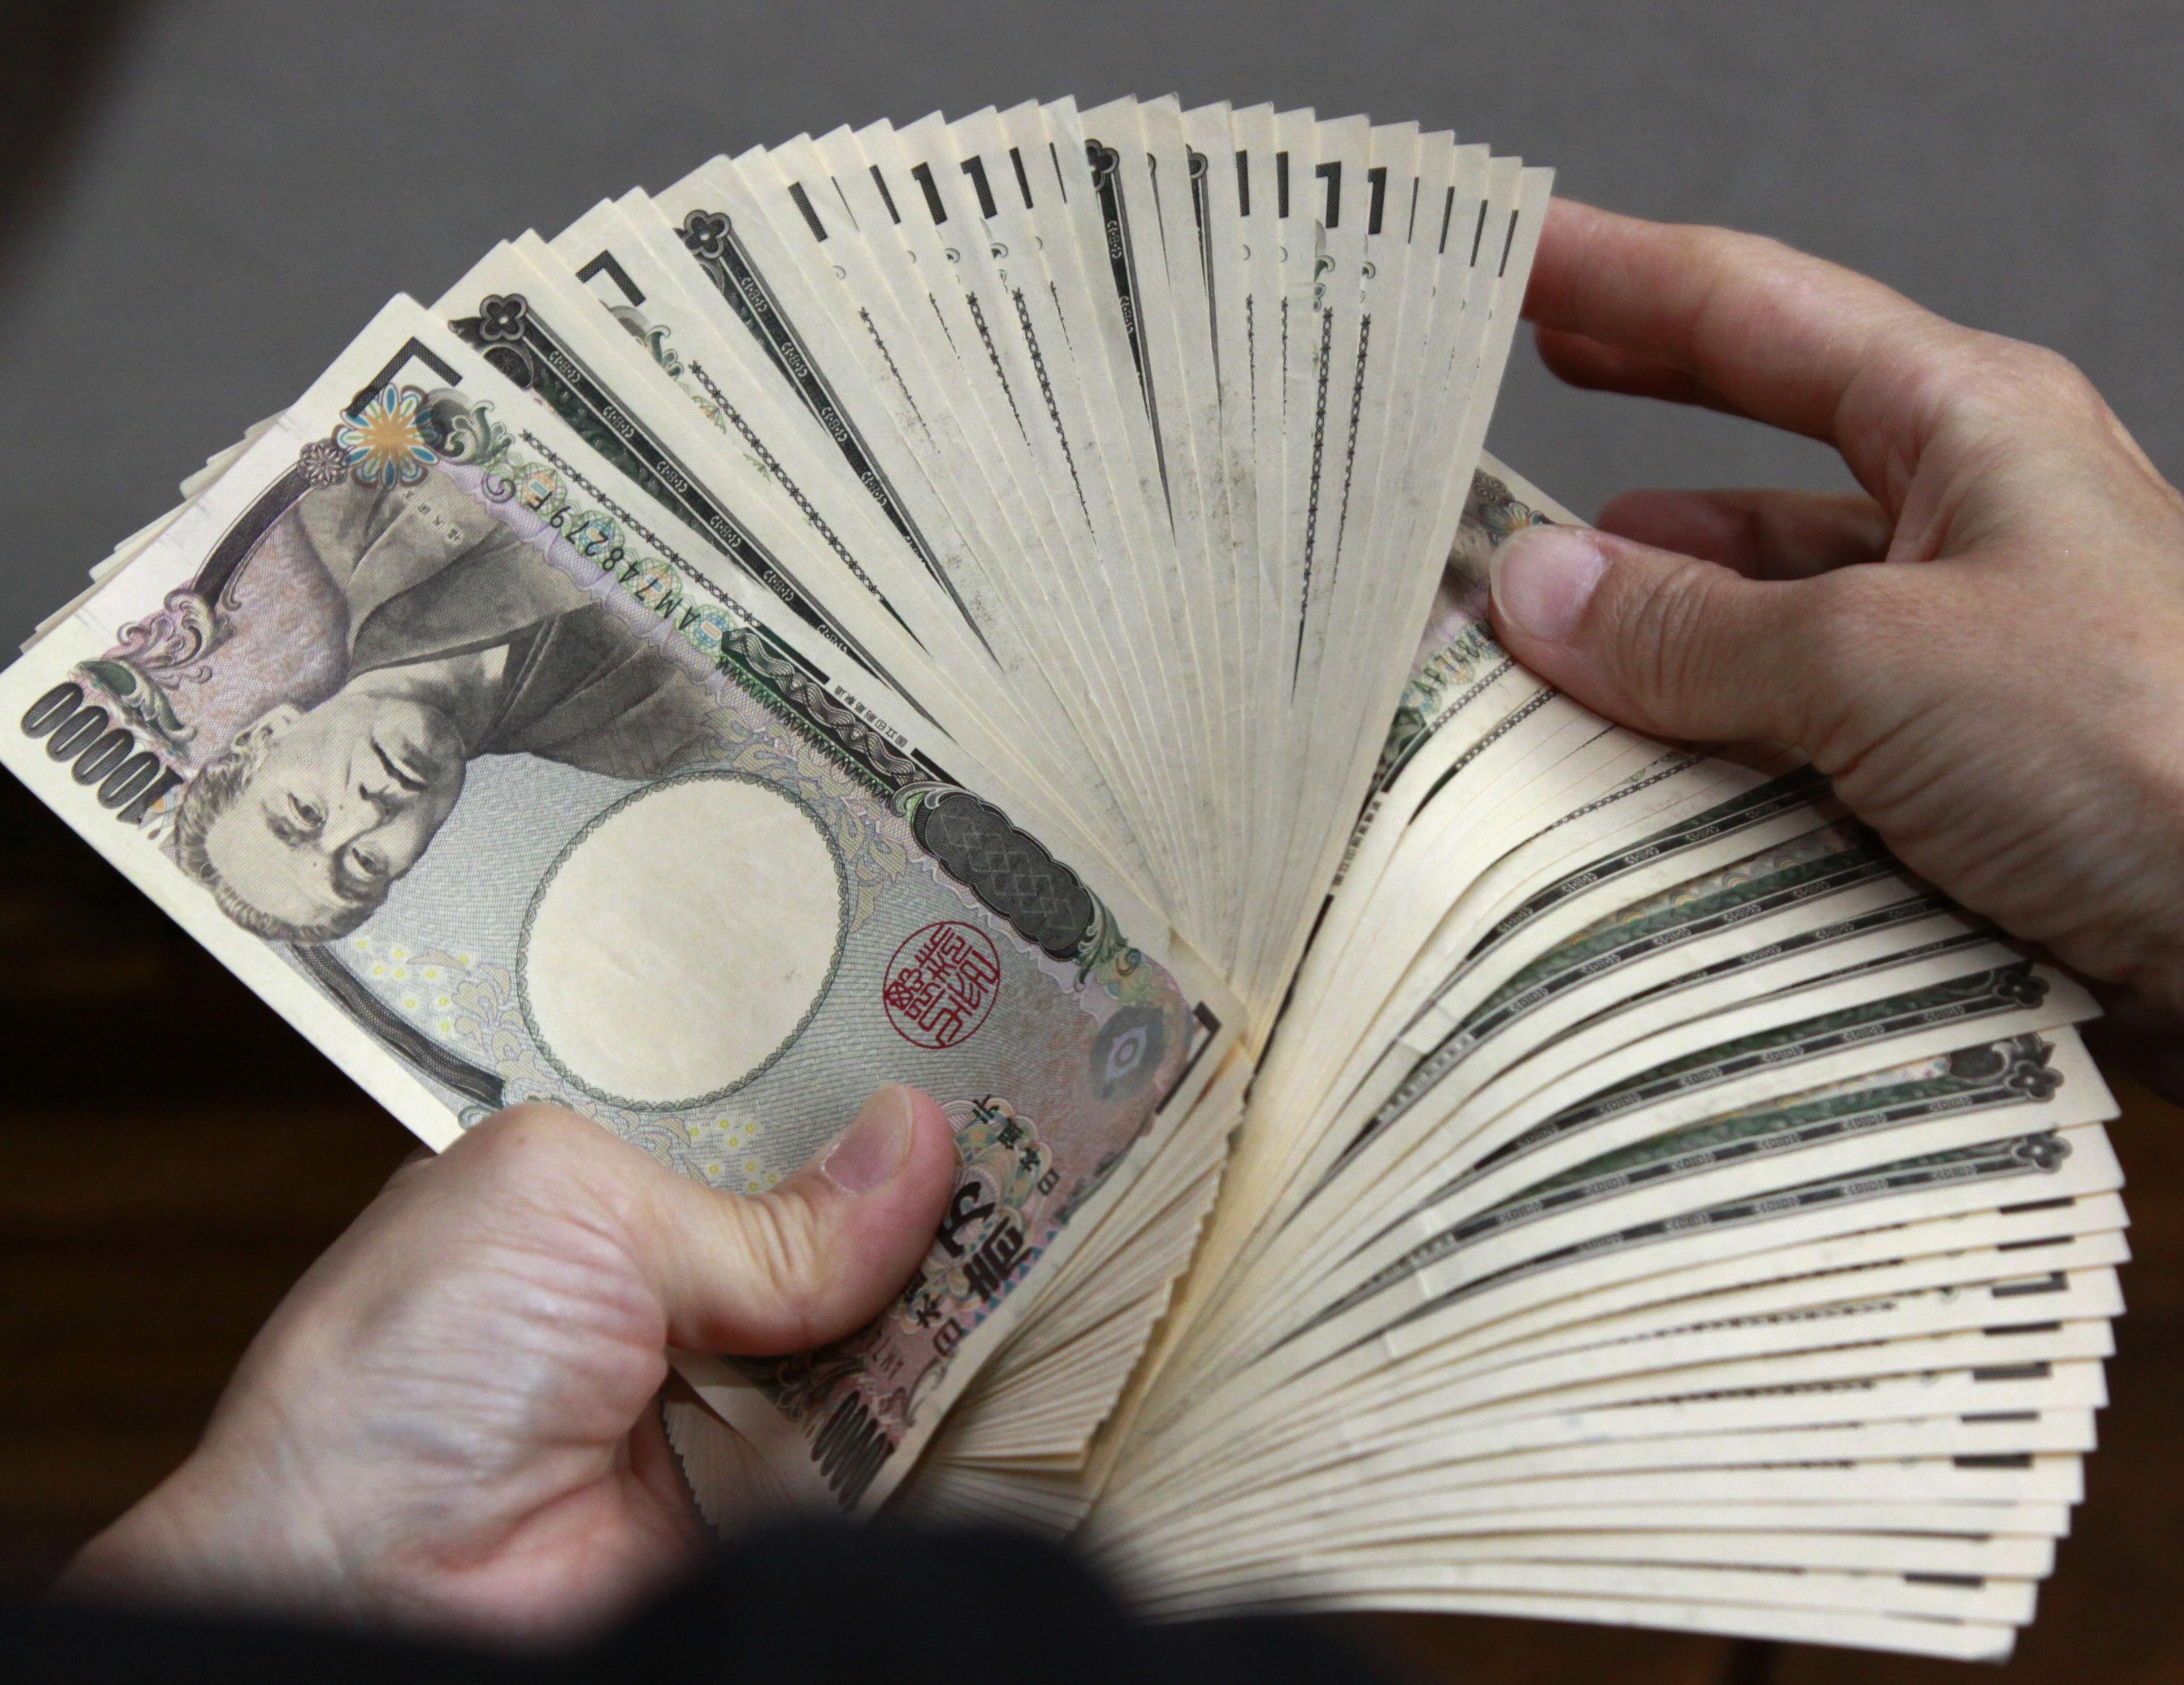 A bank teller counts 10,000 yen (118 USD